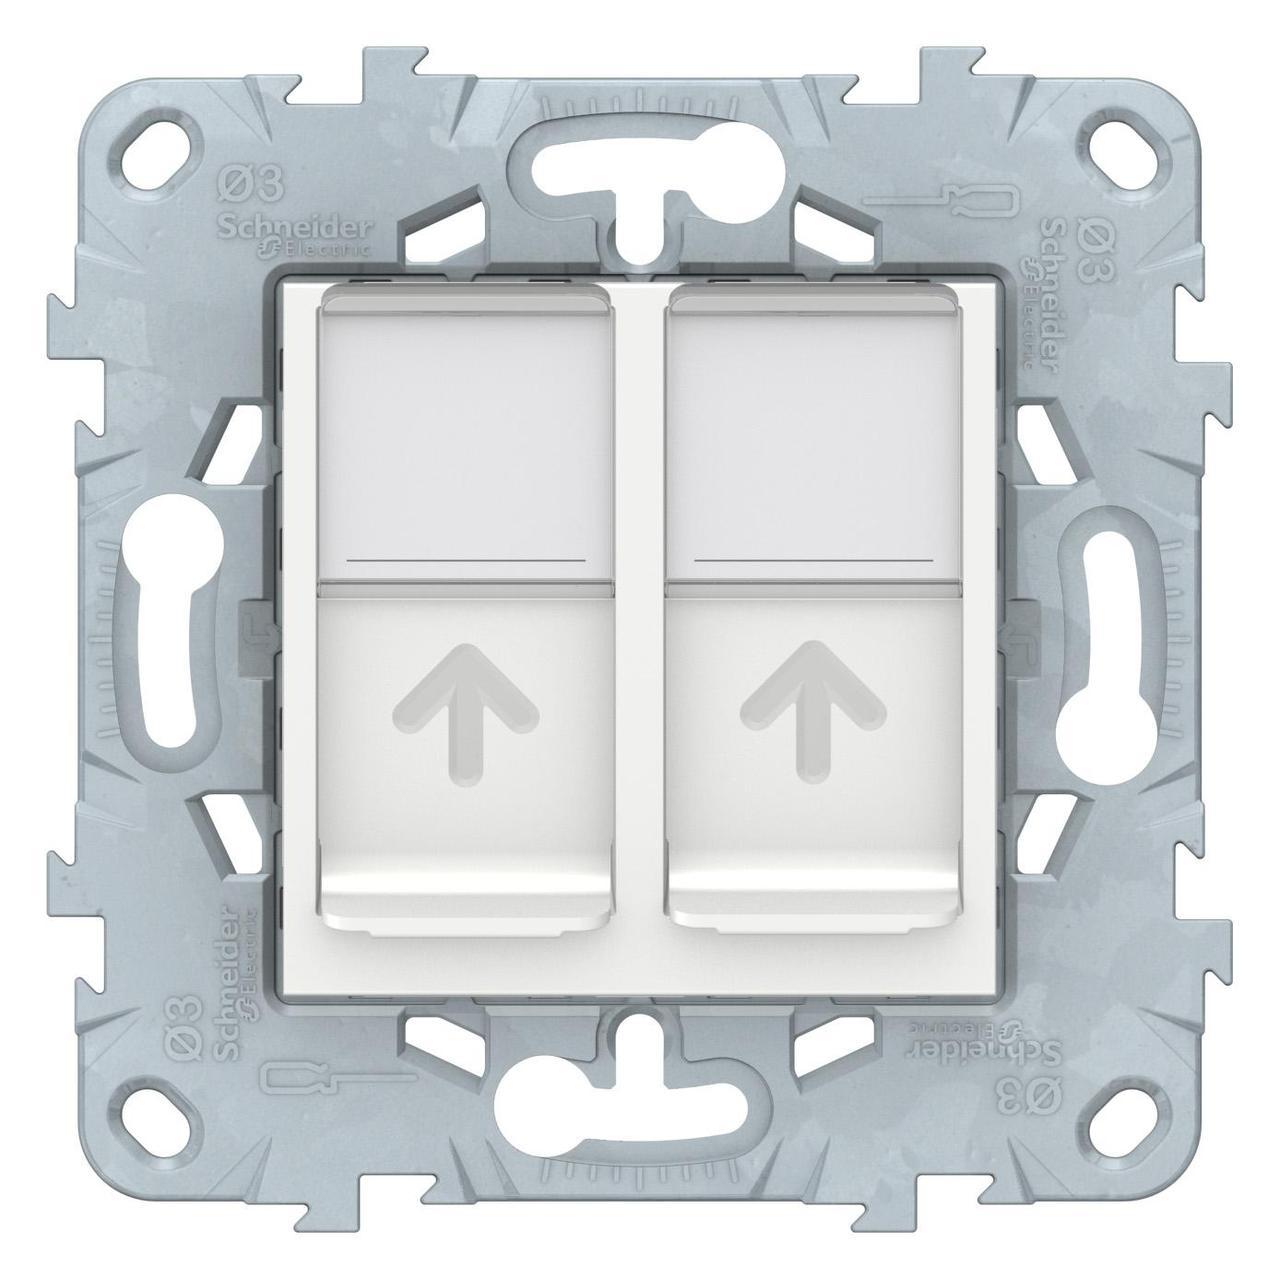 Розетка компьютерная 2-ая кат.5е, RJ-45 (интернет) , Белый, серия Unica New, Schneider Electric